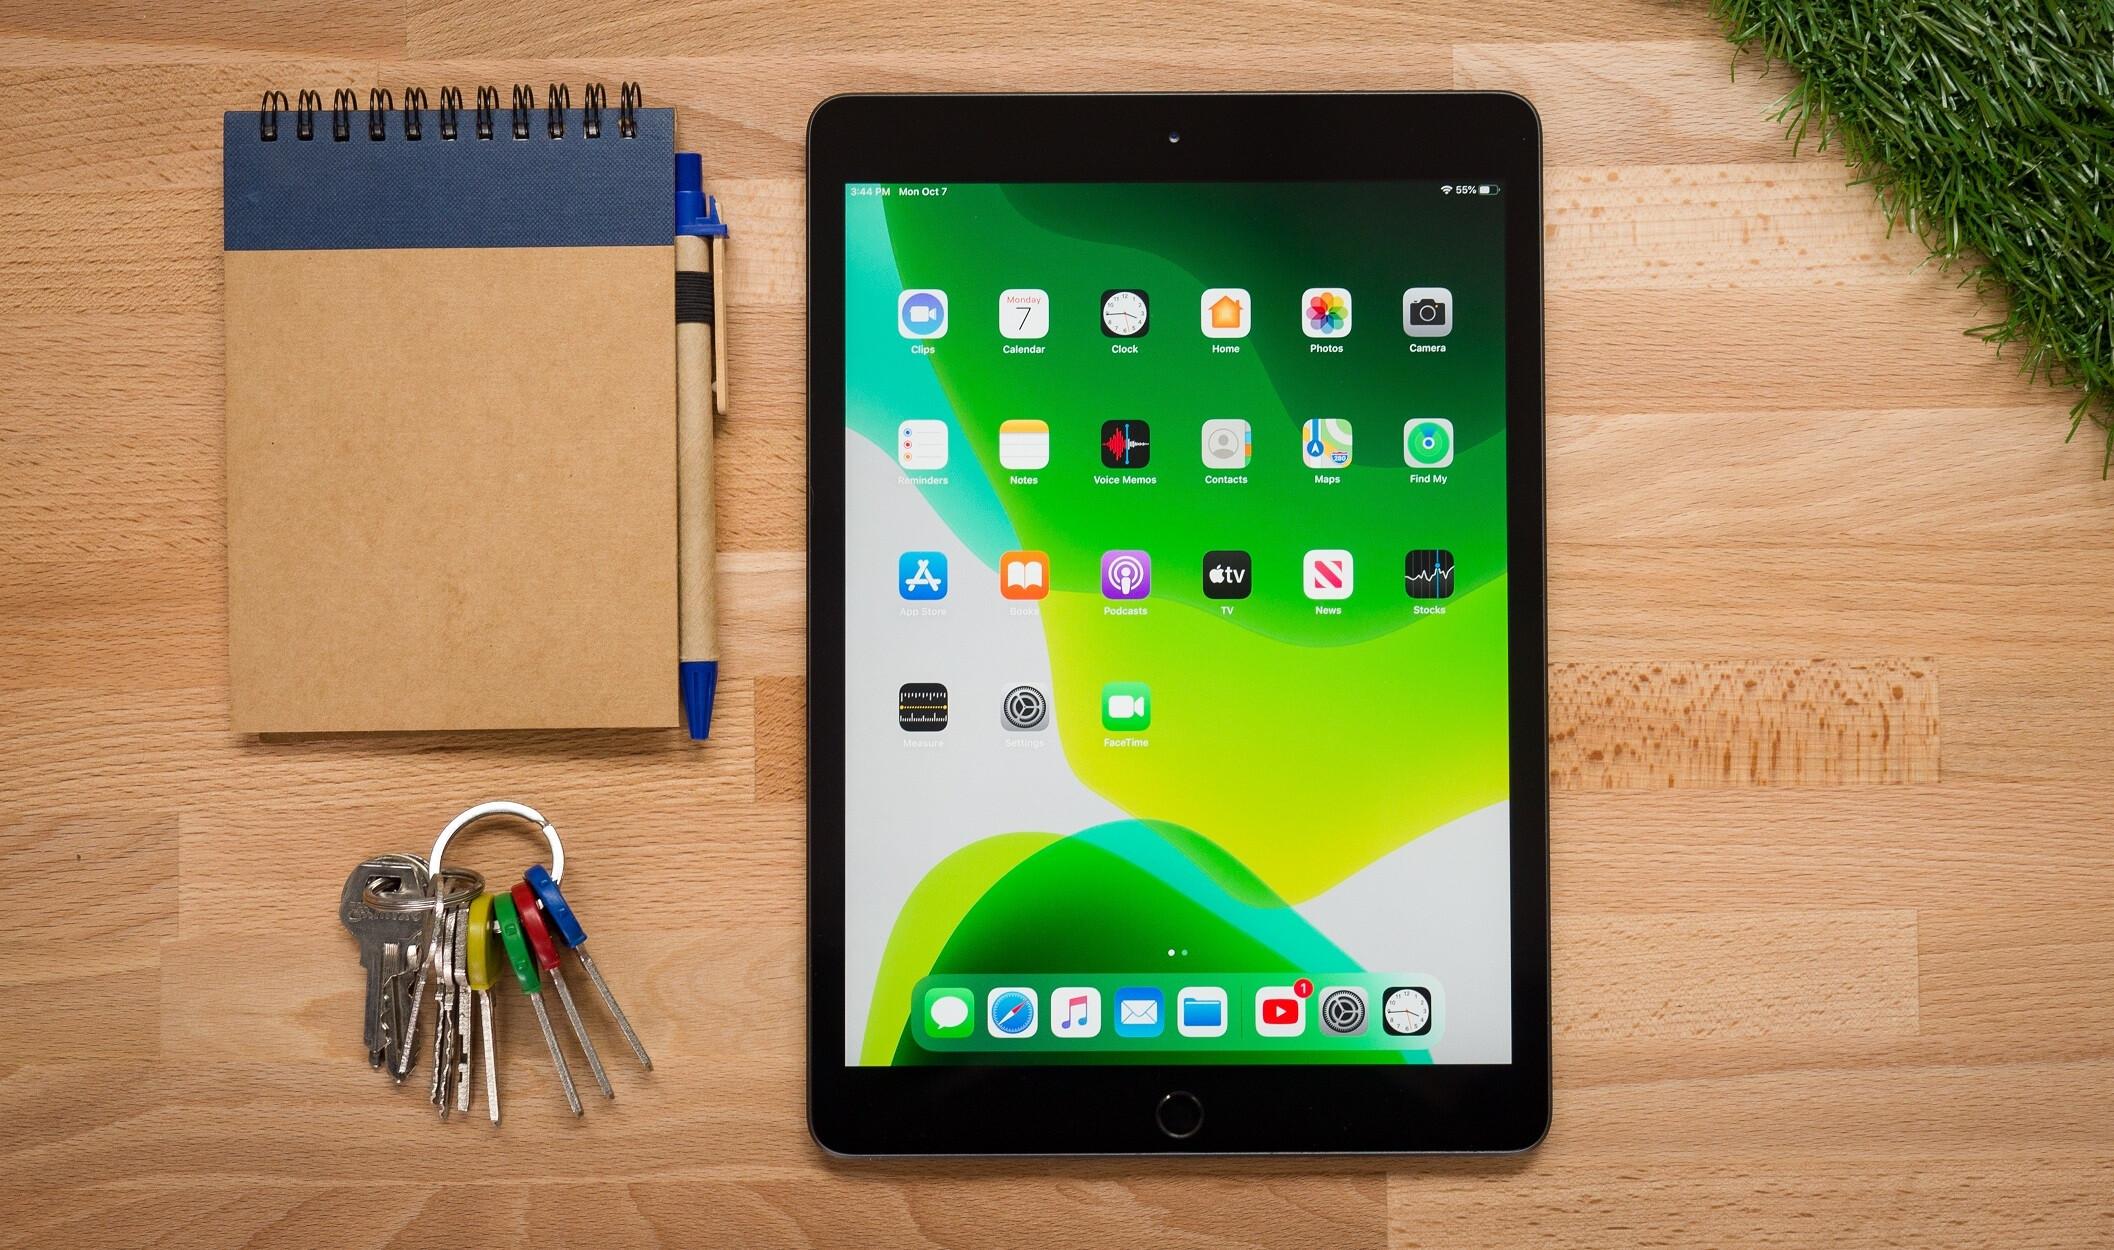 Which 2020 iPad (10.2-inch) storage option should I get? 32GB or 128GB?